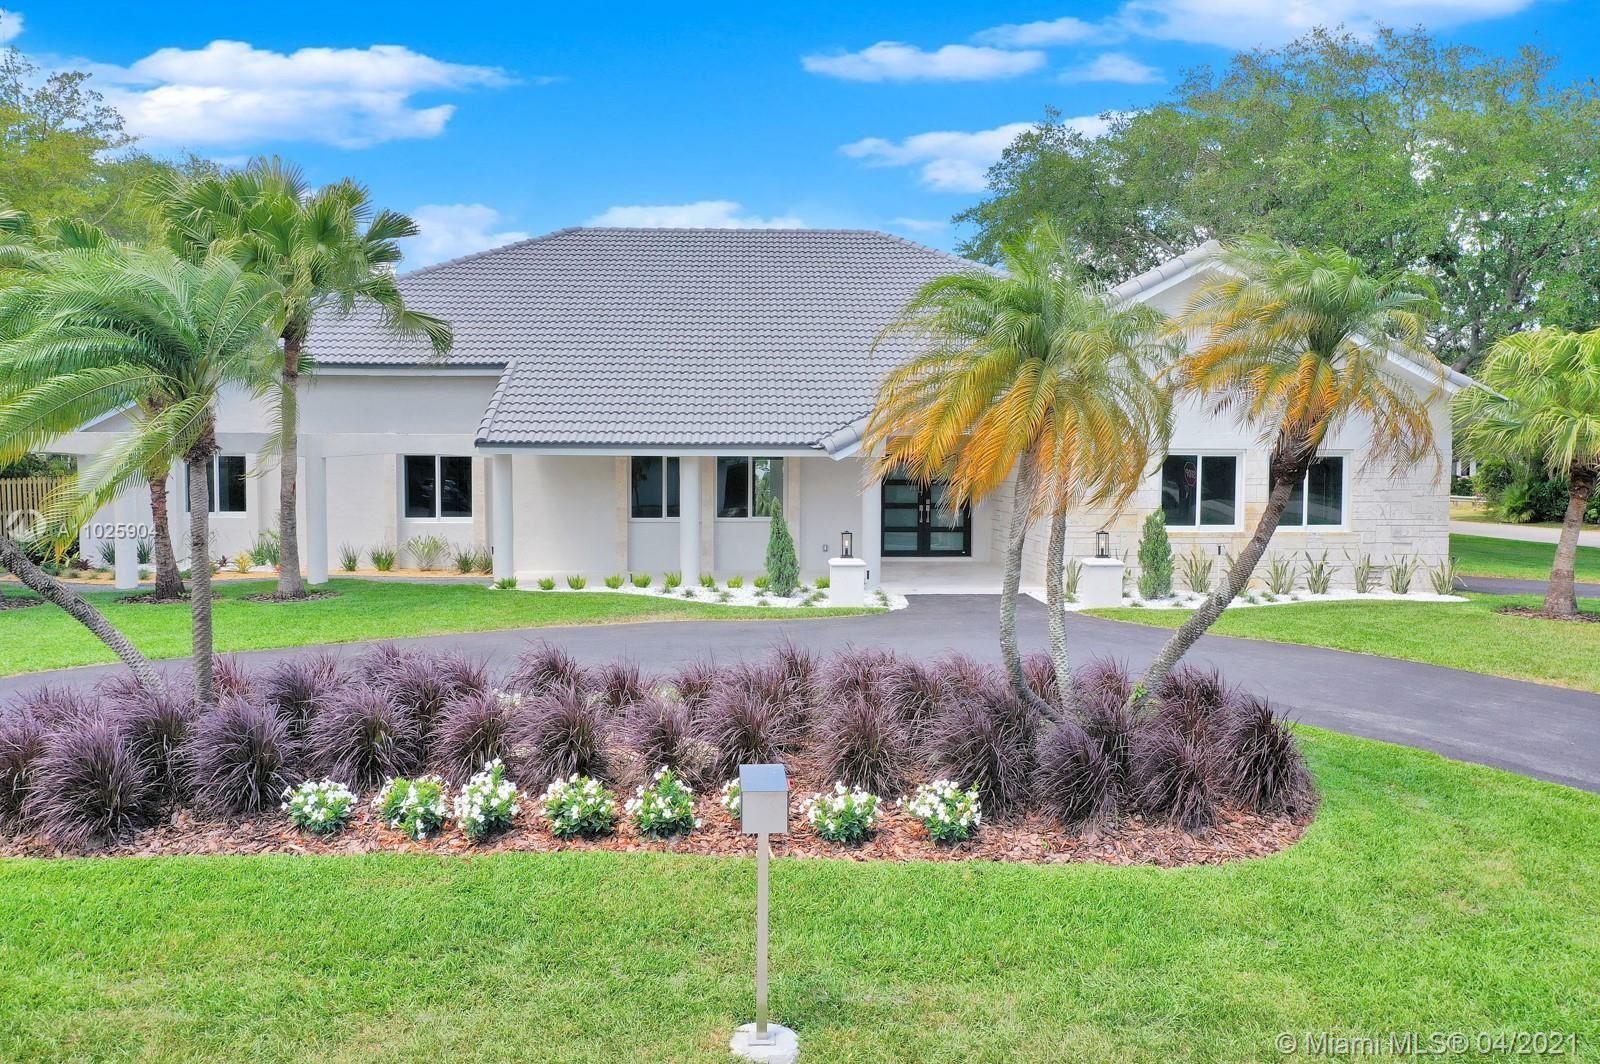 9201 SW 102nd St, Miami, FL 33176 - #: A11025904